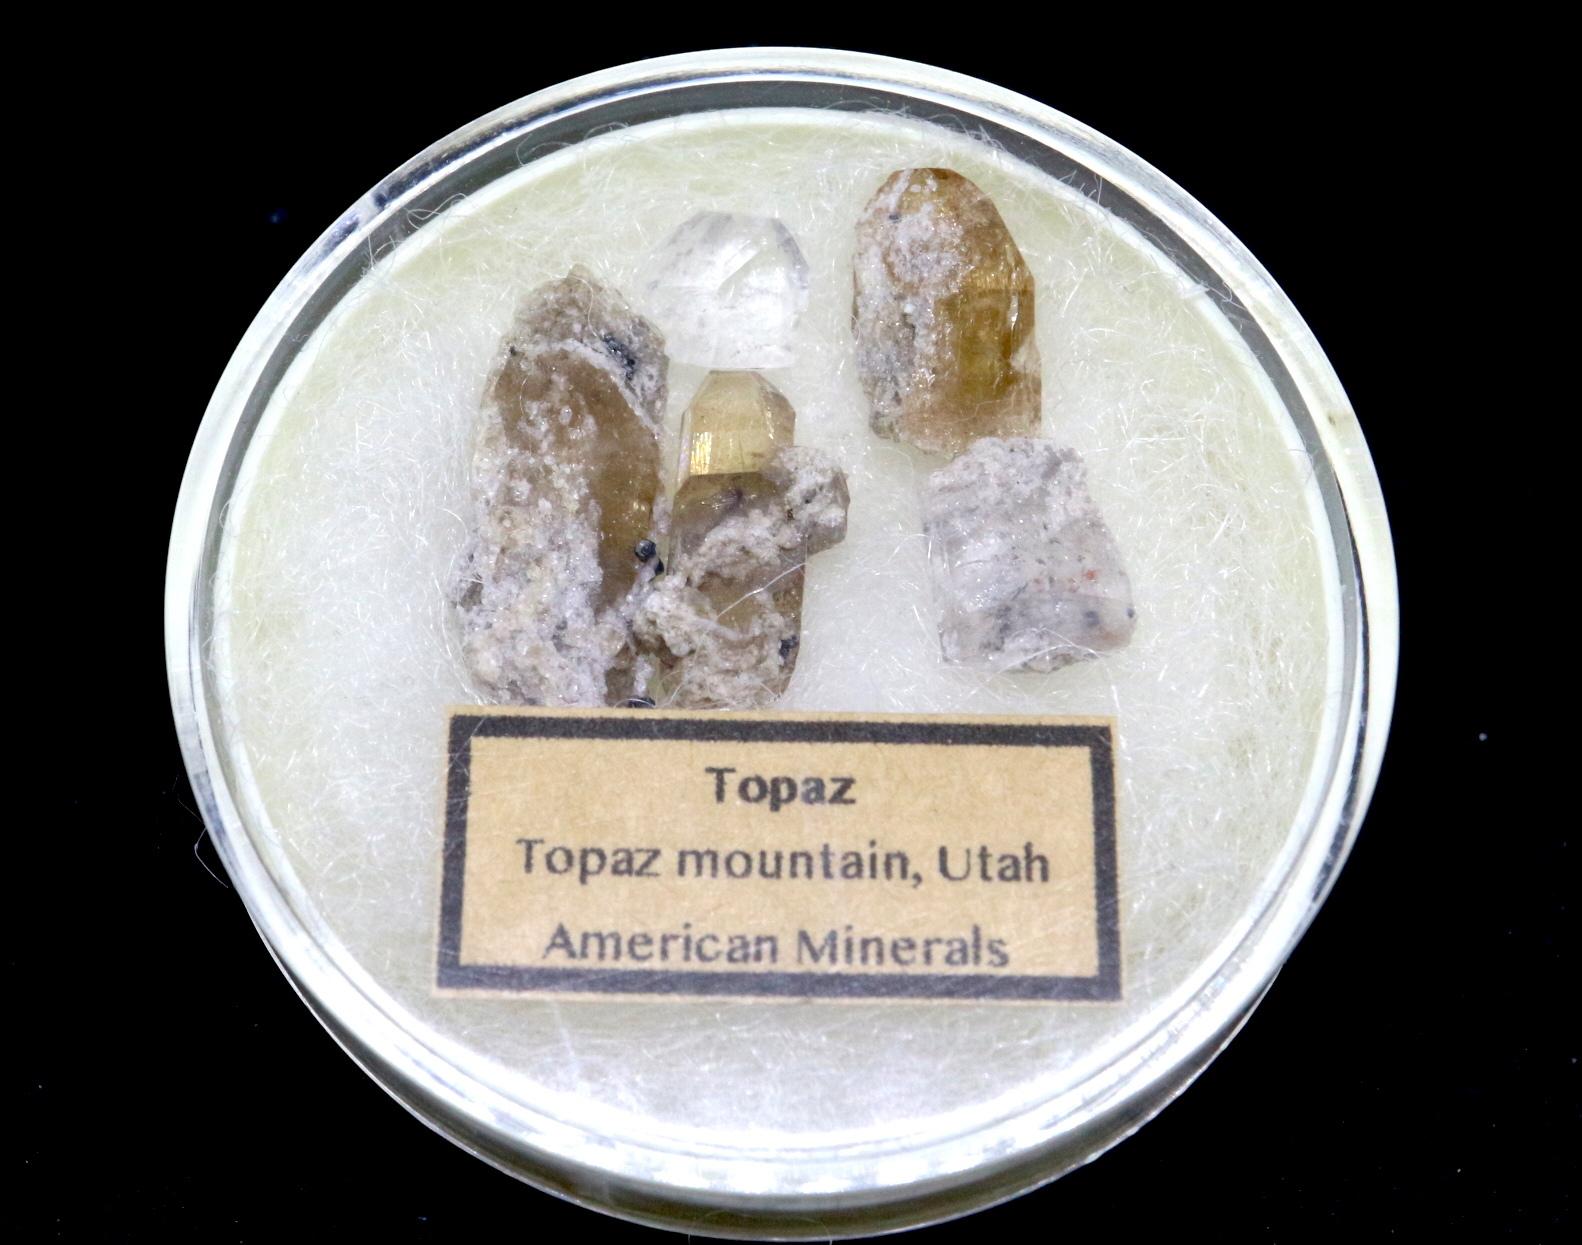 【鉱物セット】自主採掘 トパーズ ユタ州産 5個セット ケース入り TZ026